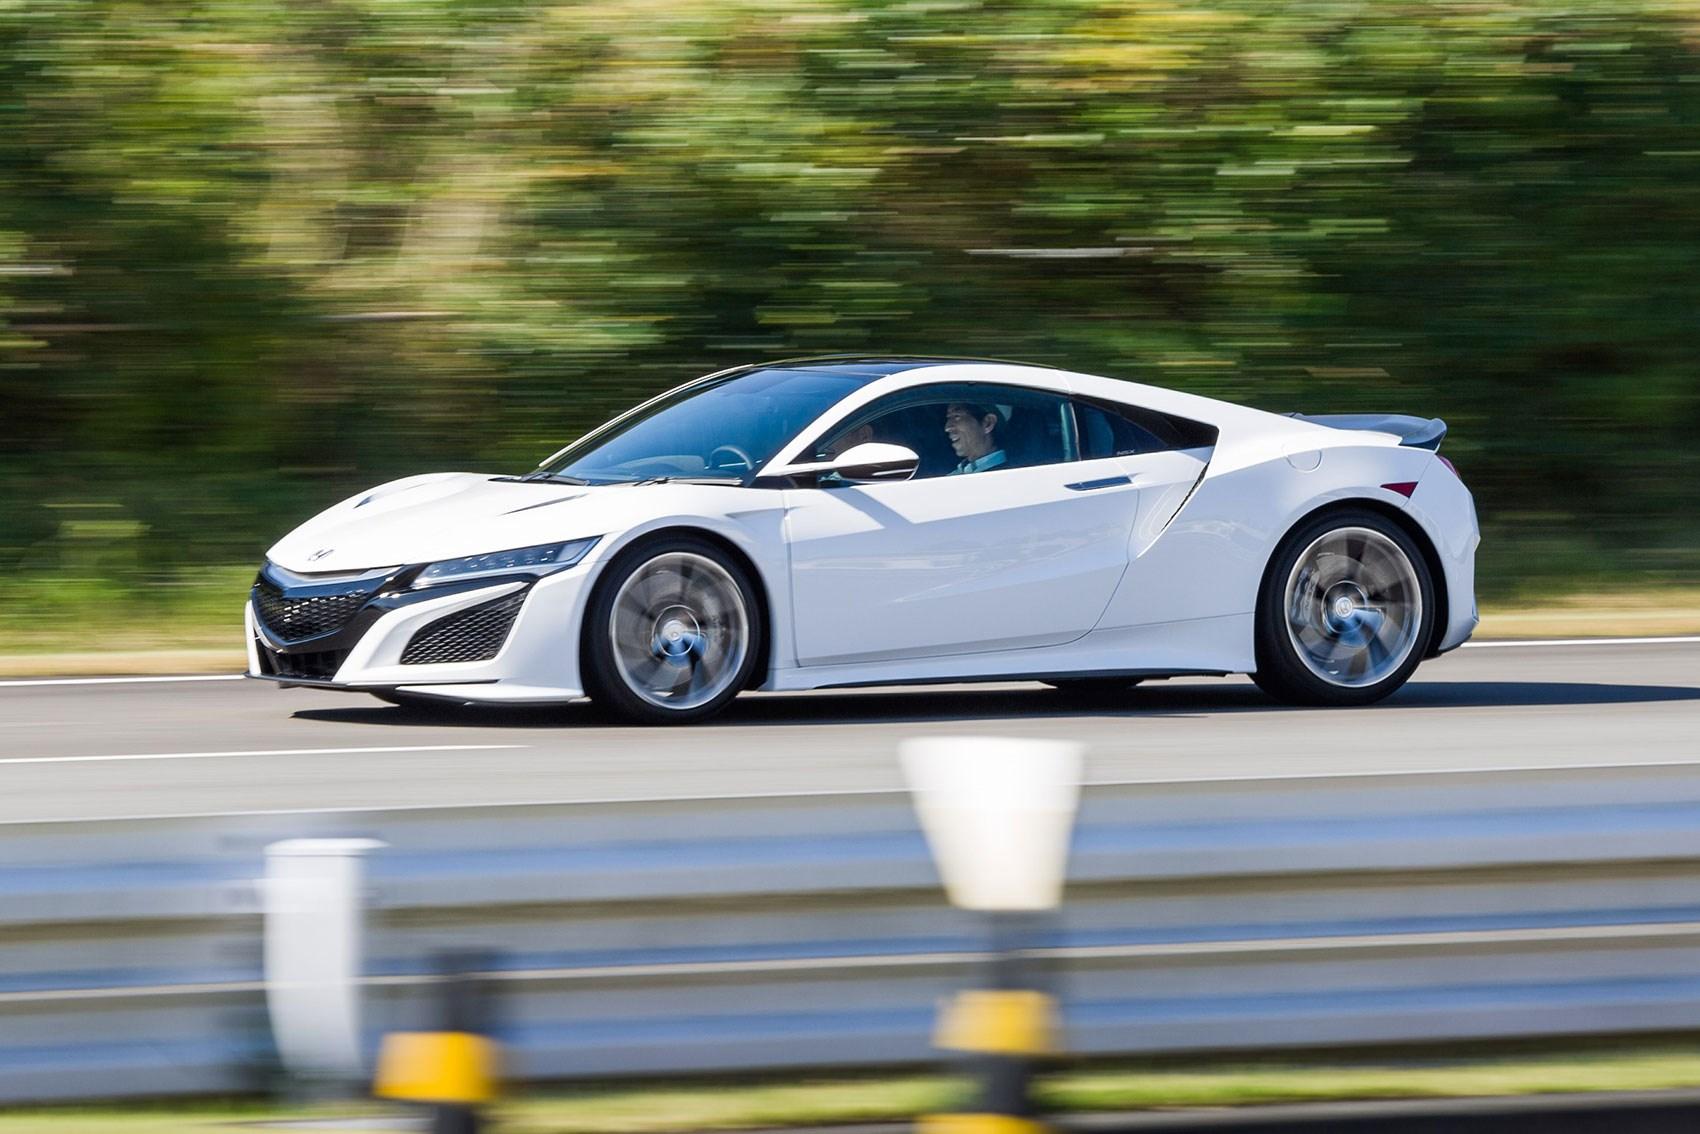 Honda NSX hybrid sports car